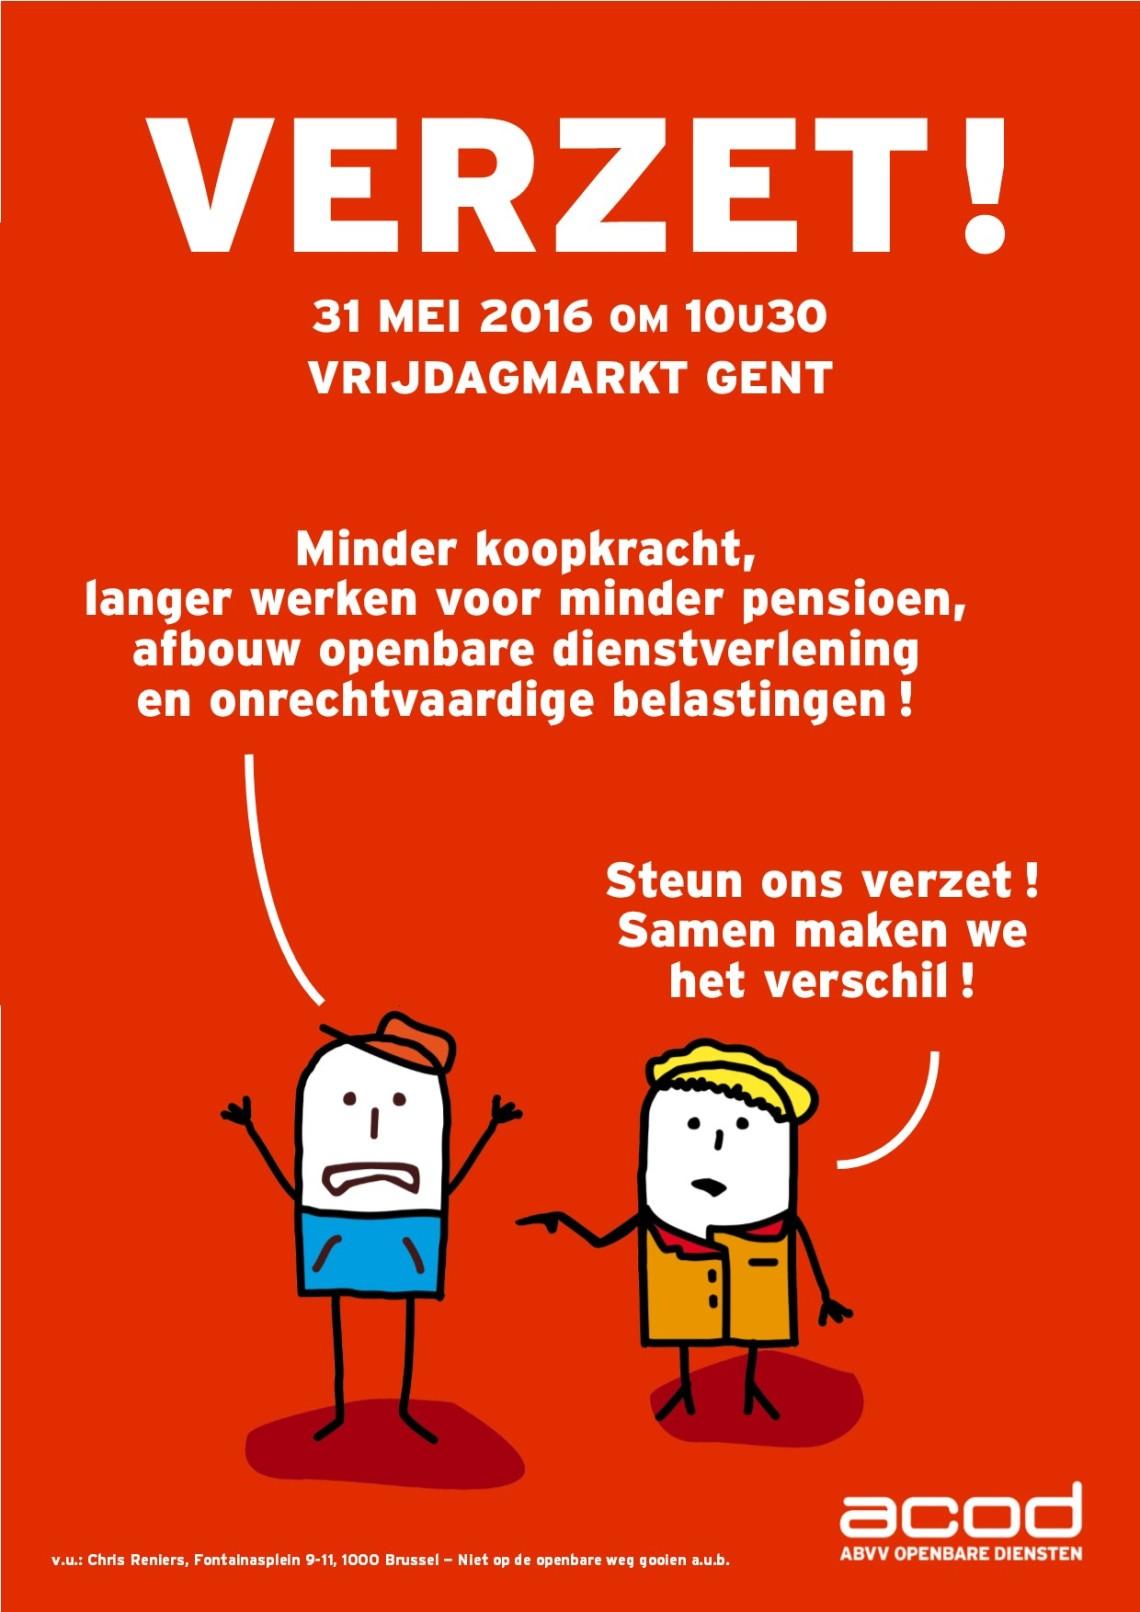 Verzet - affiche actie 31 mei 2016 Gent.jpg